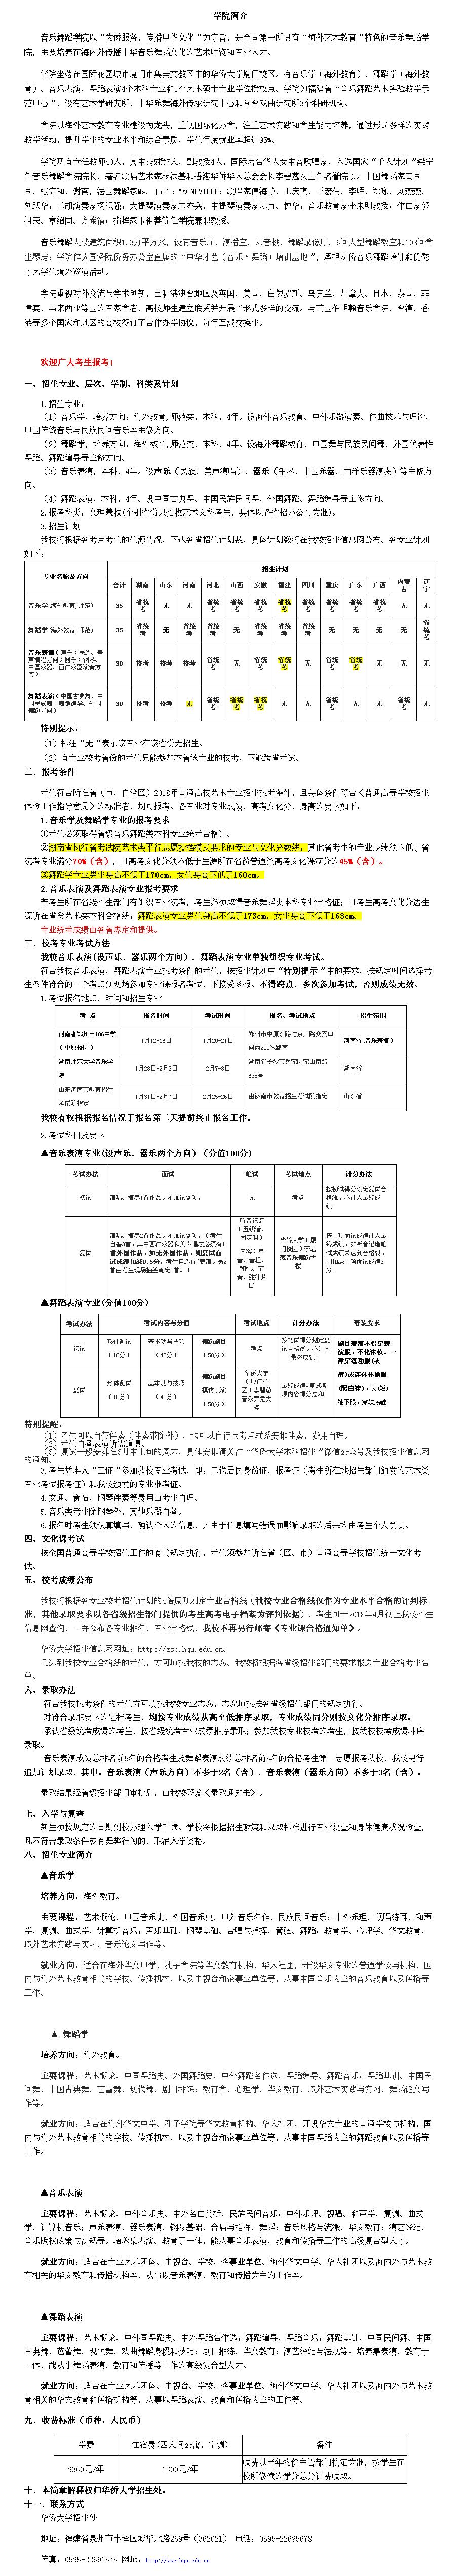 【华侨大学音乐舞蹈学院】2018年招生简章公布